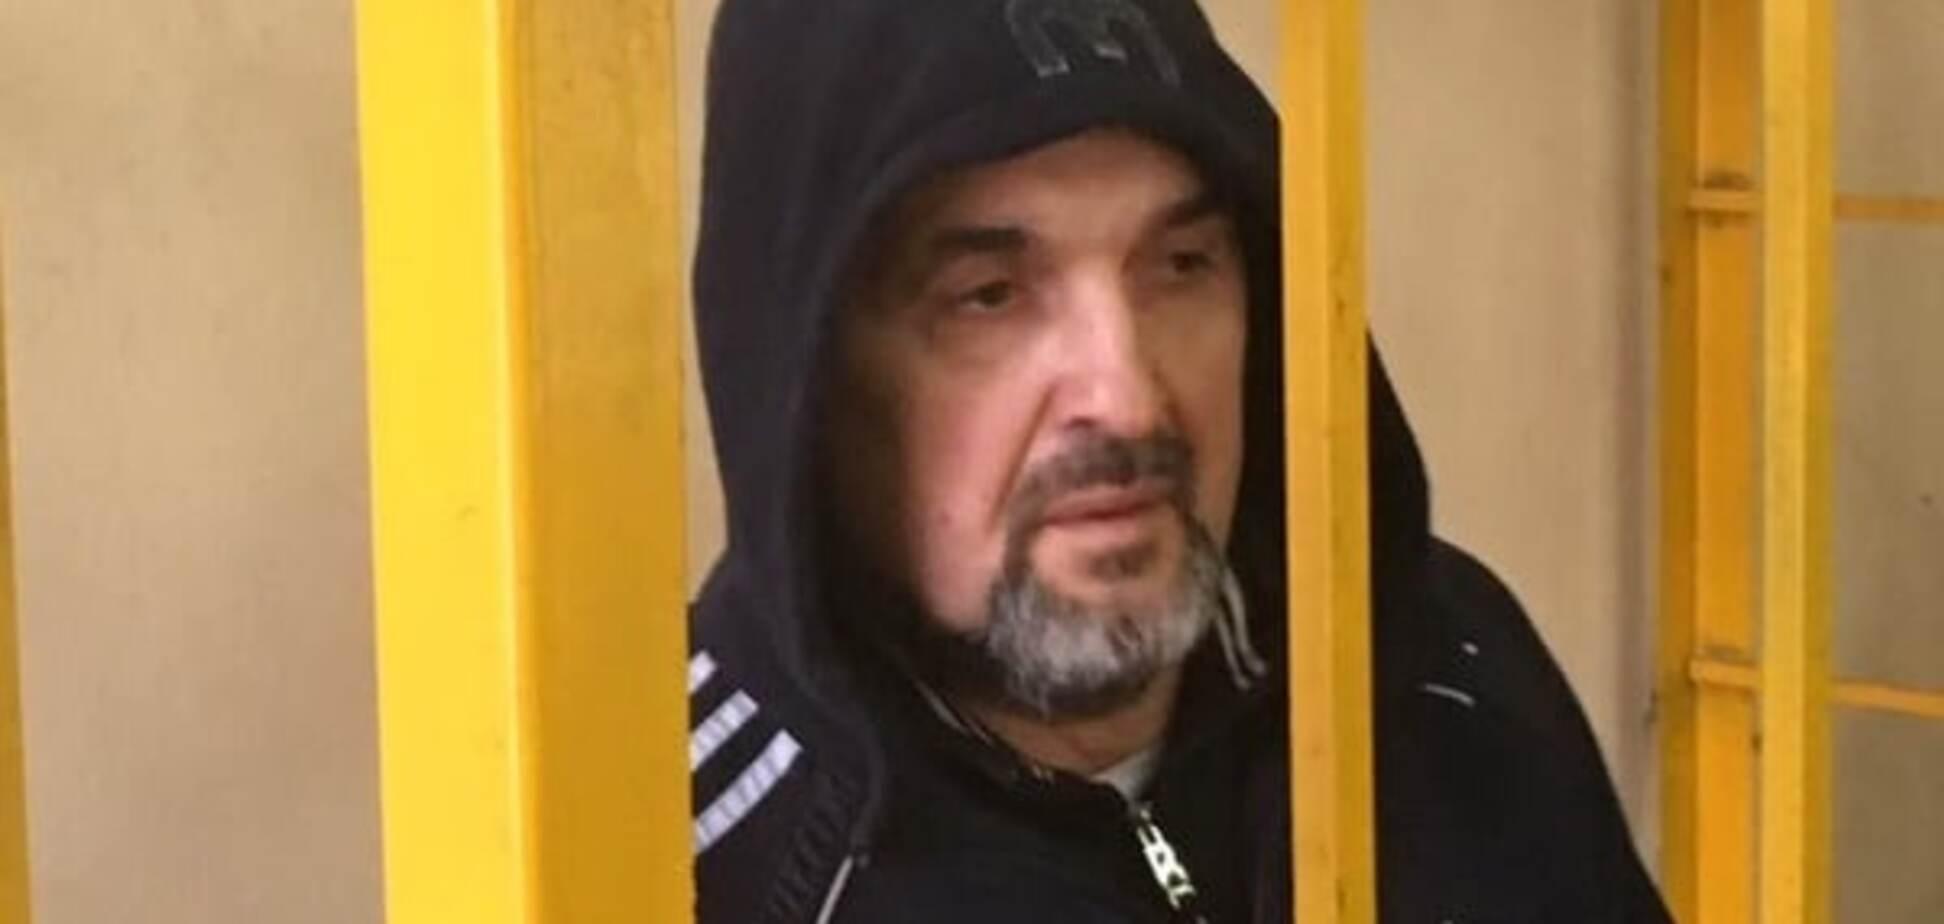 Під заставу: суд відпустив затриманого в Києві кримінального авторитета - Ківа